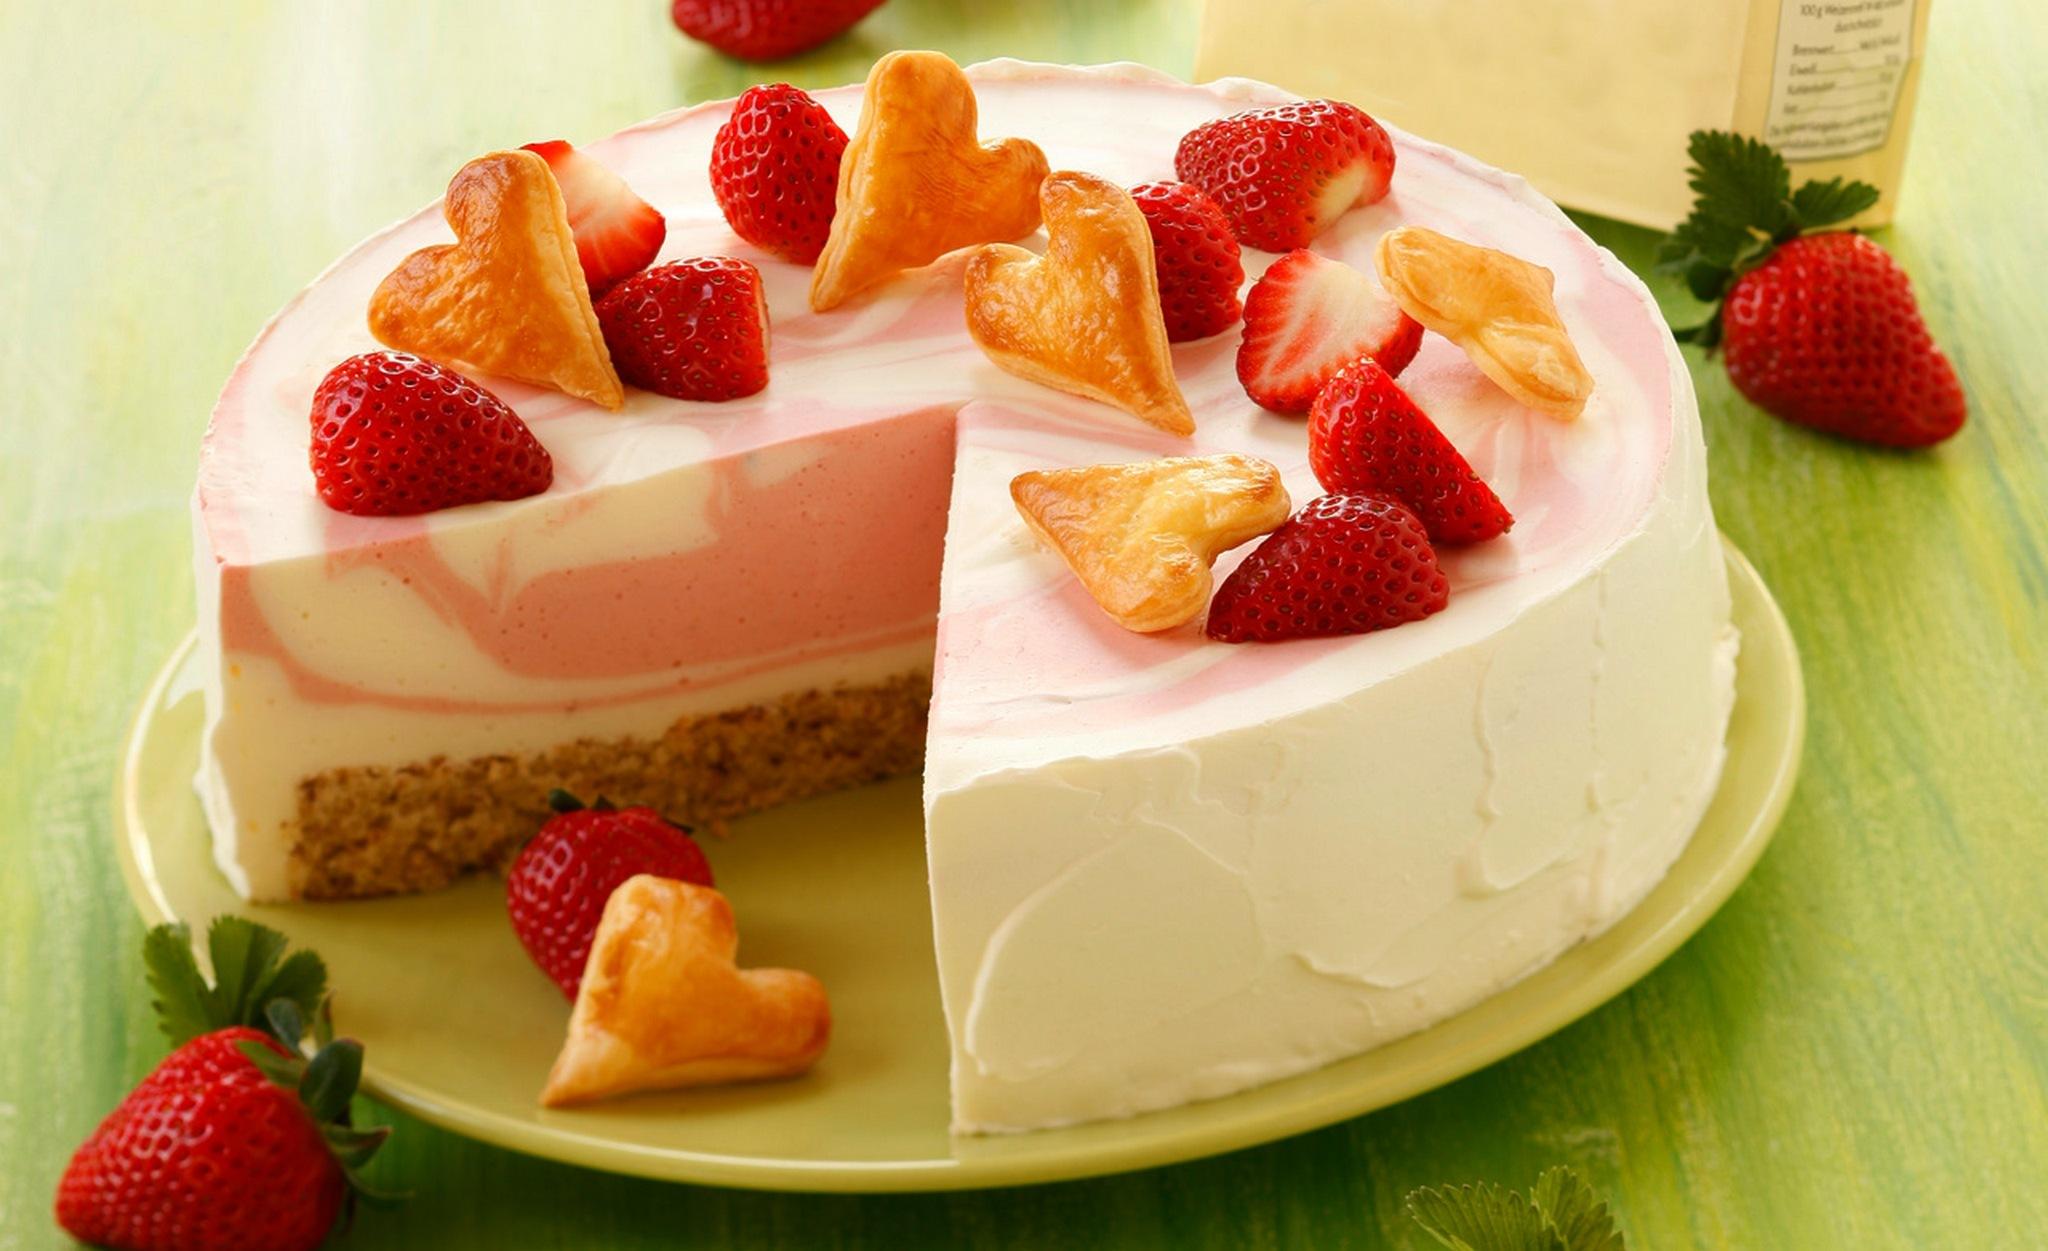 Белый торт с кусочками фруктов  № 2171474 загрузить